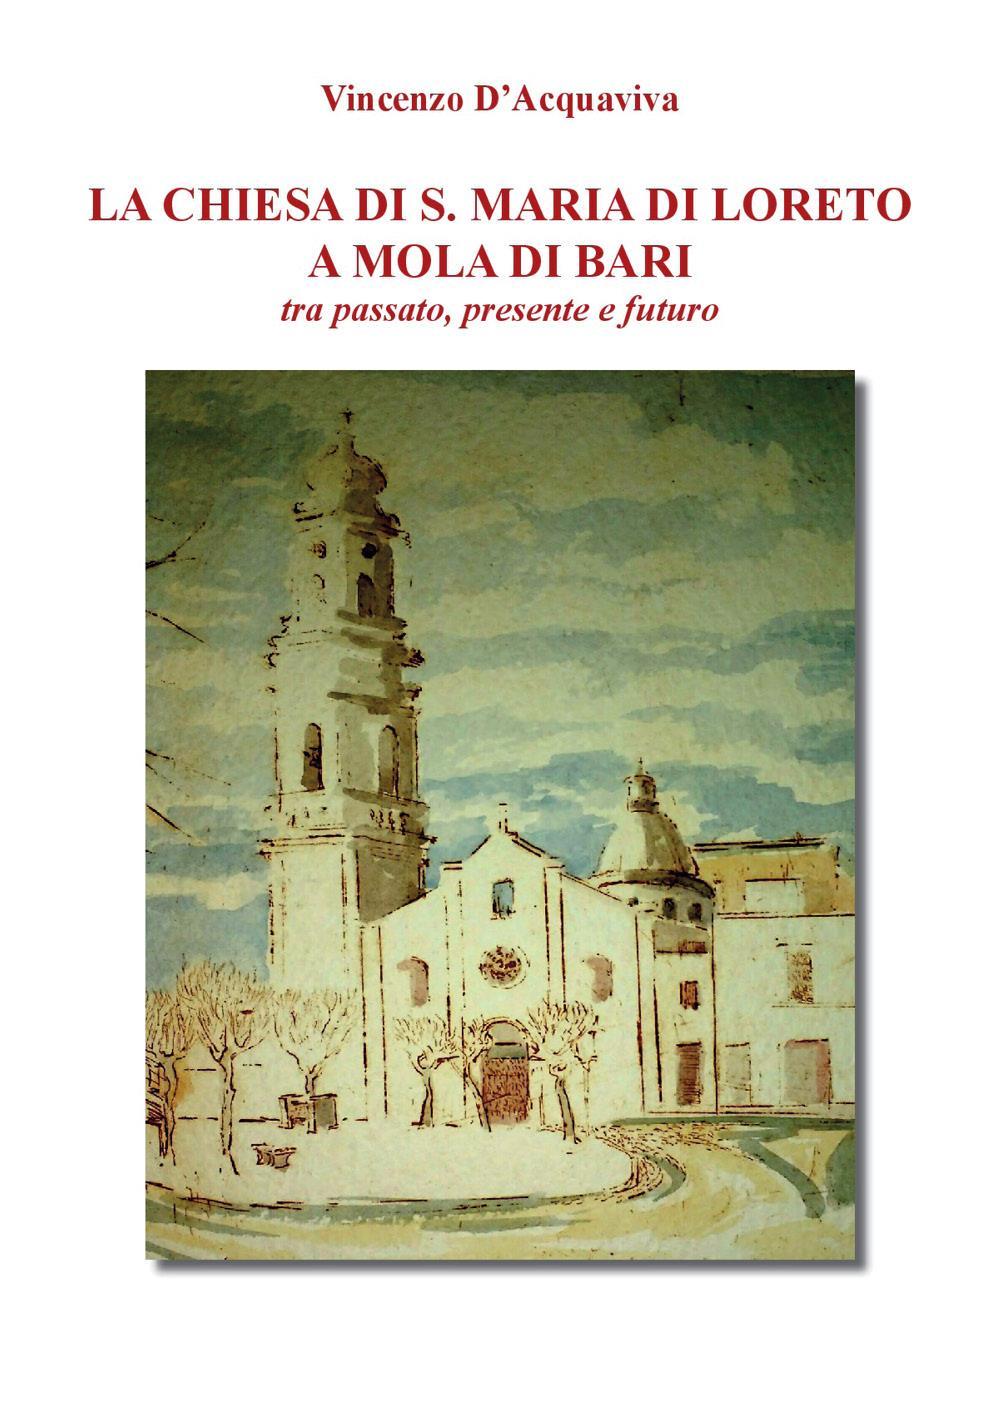 La Chiesa di Santa Maria di Loreto a Mola di Bari tra passato presente e futuro